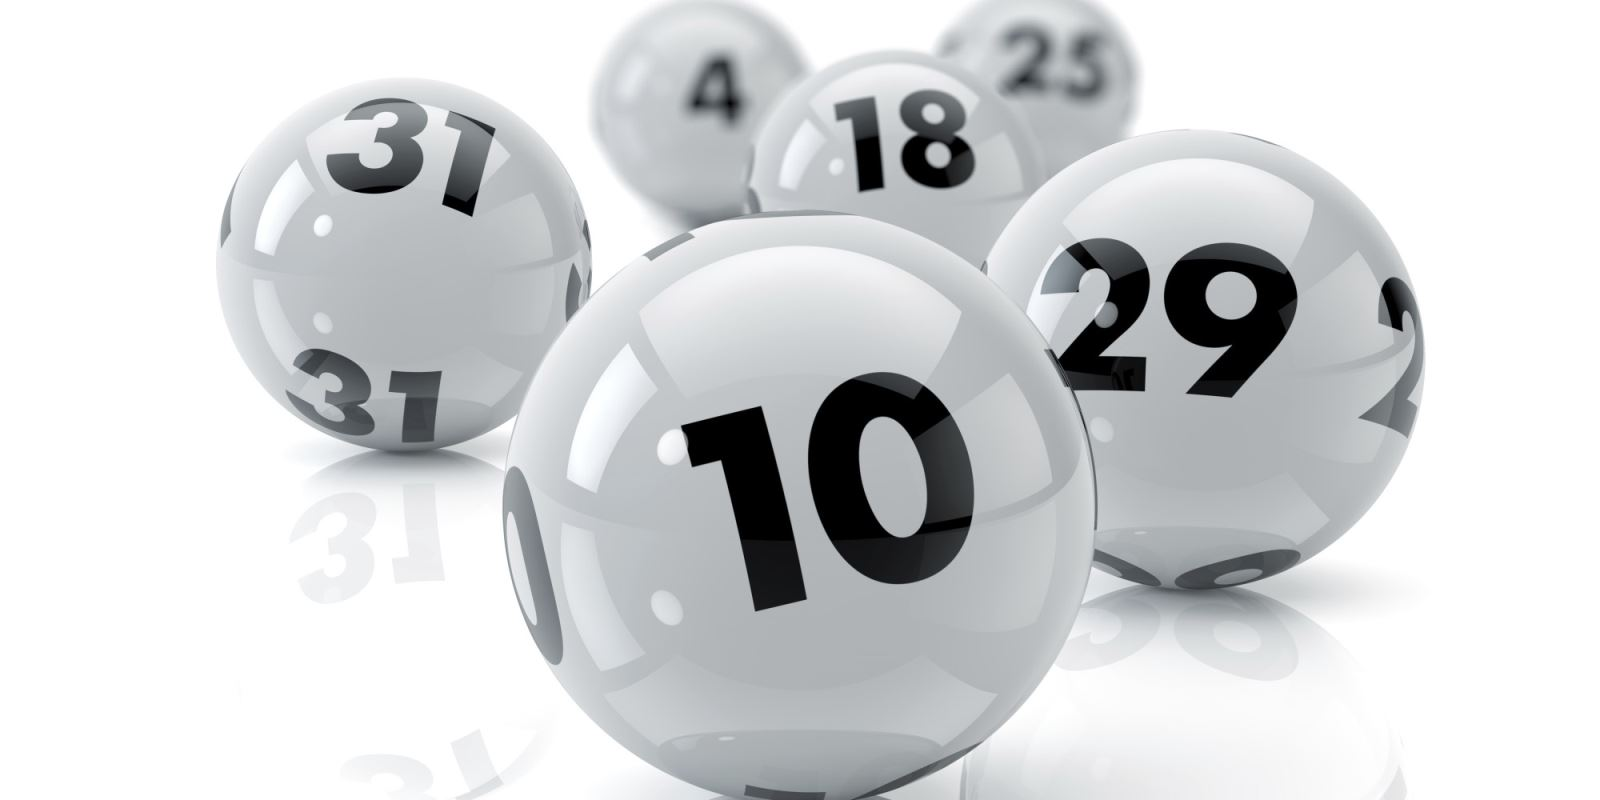 Chốt số dự đoán xổ số miền Nam chủ nhật ngày 11/4/2021